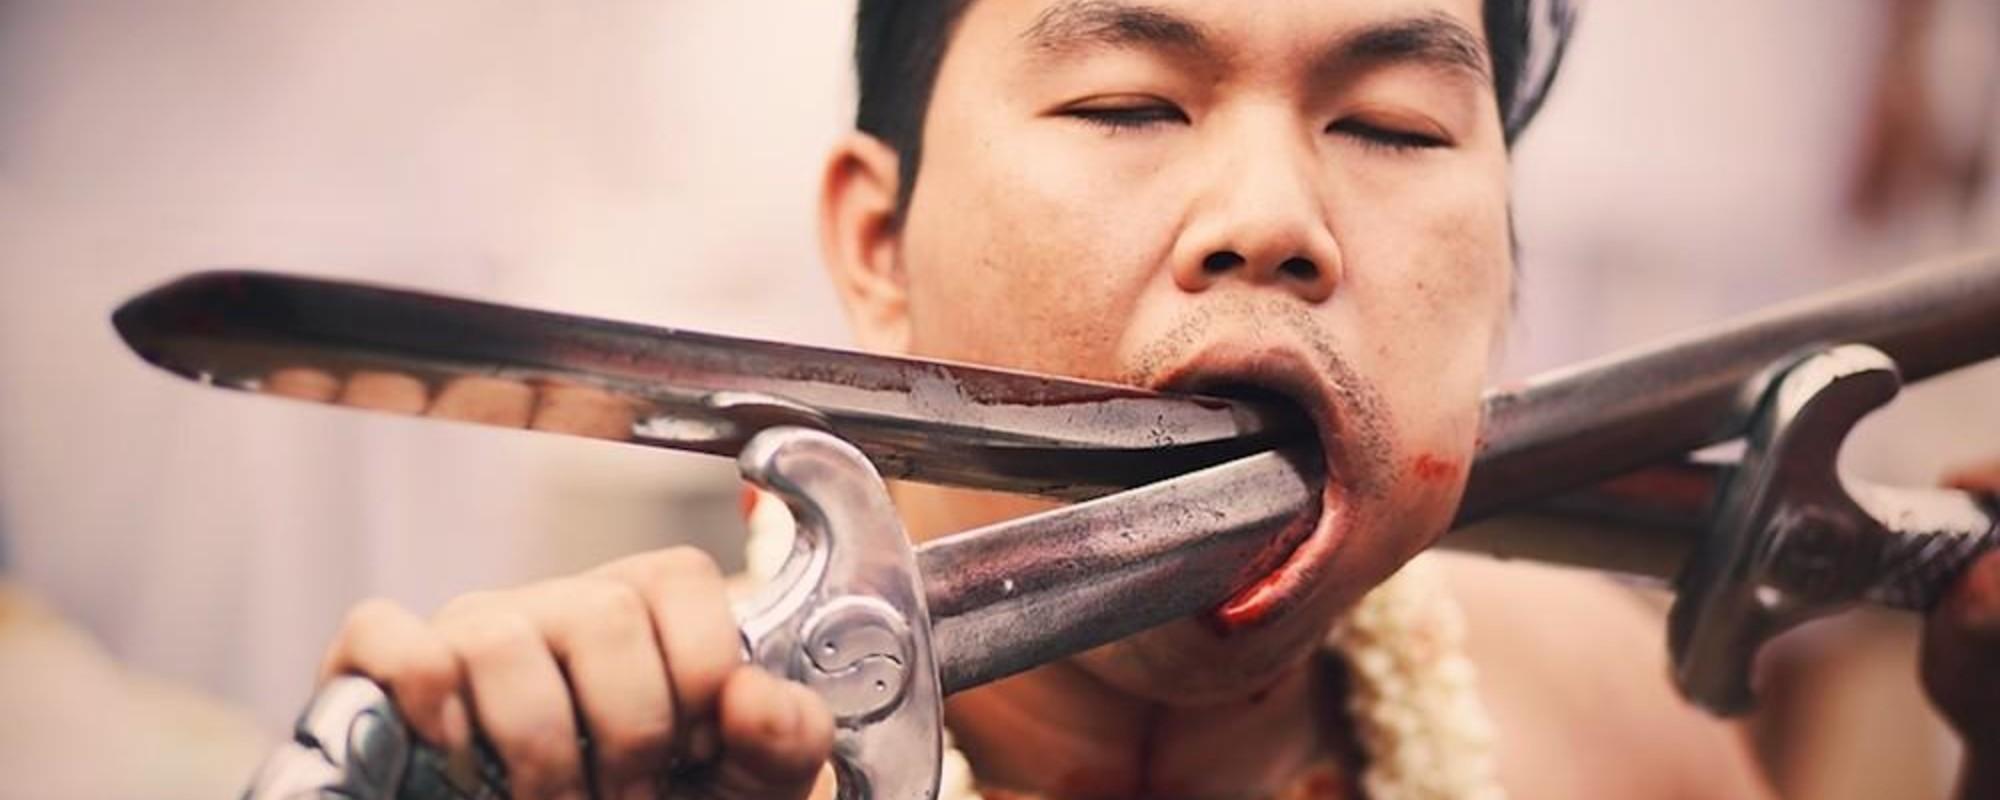 Brutale billeder fra Thailands blodigste vegetarfestival